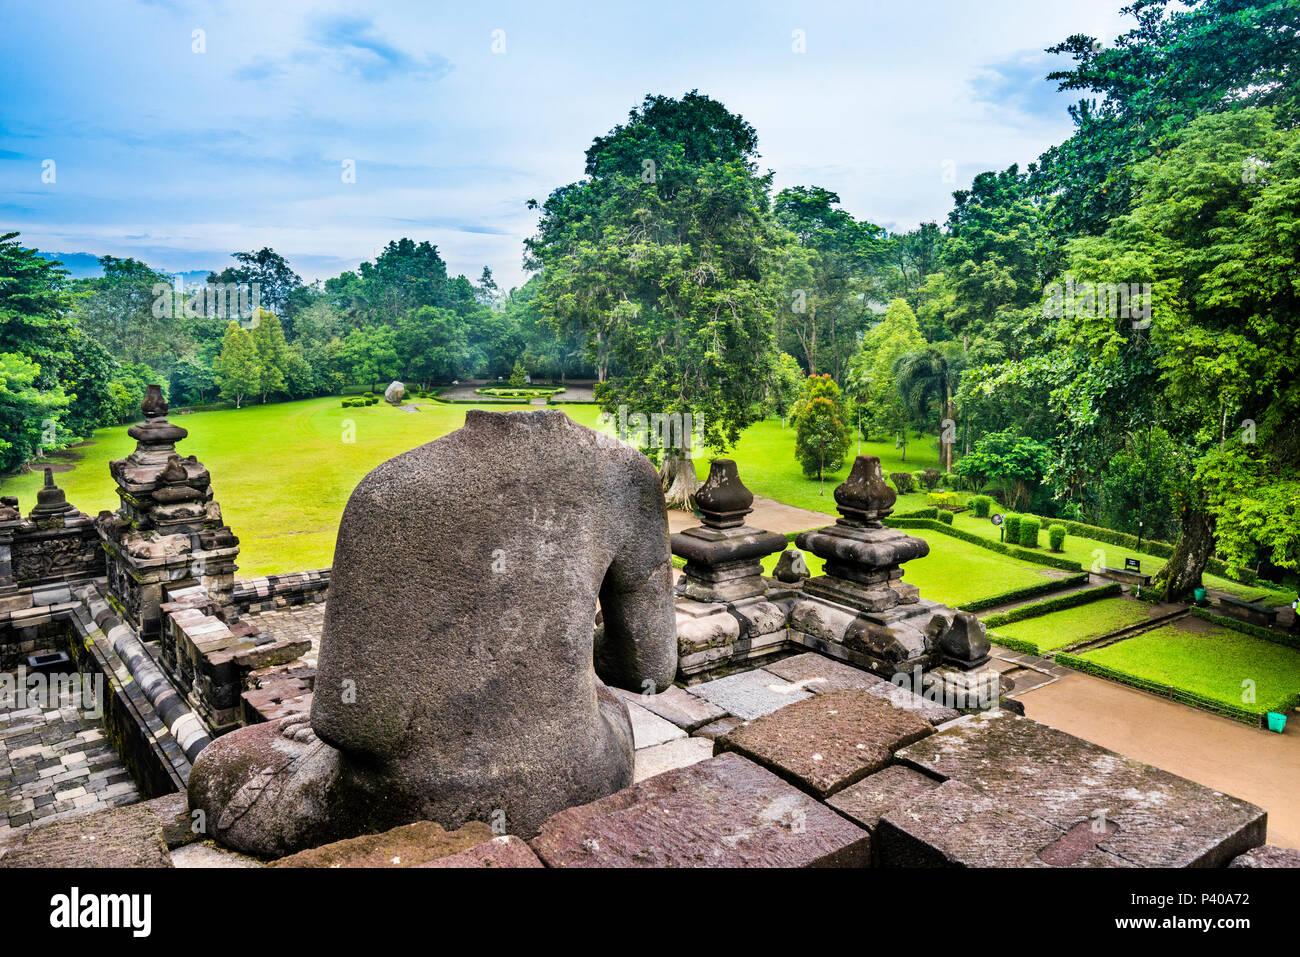 Statues de Bouddha sans tête à une ballustrade du 9e siècle Borobudur temple bouddhiste, le centre de Java, Indonésie Photo Stock